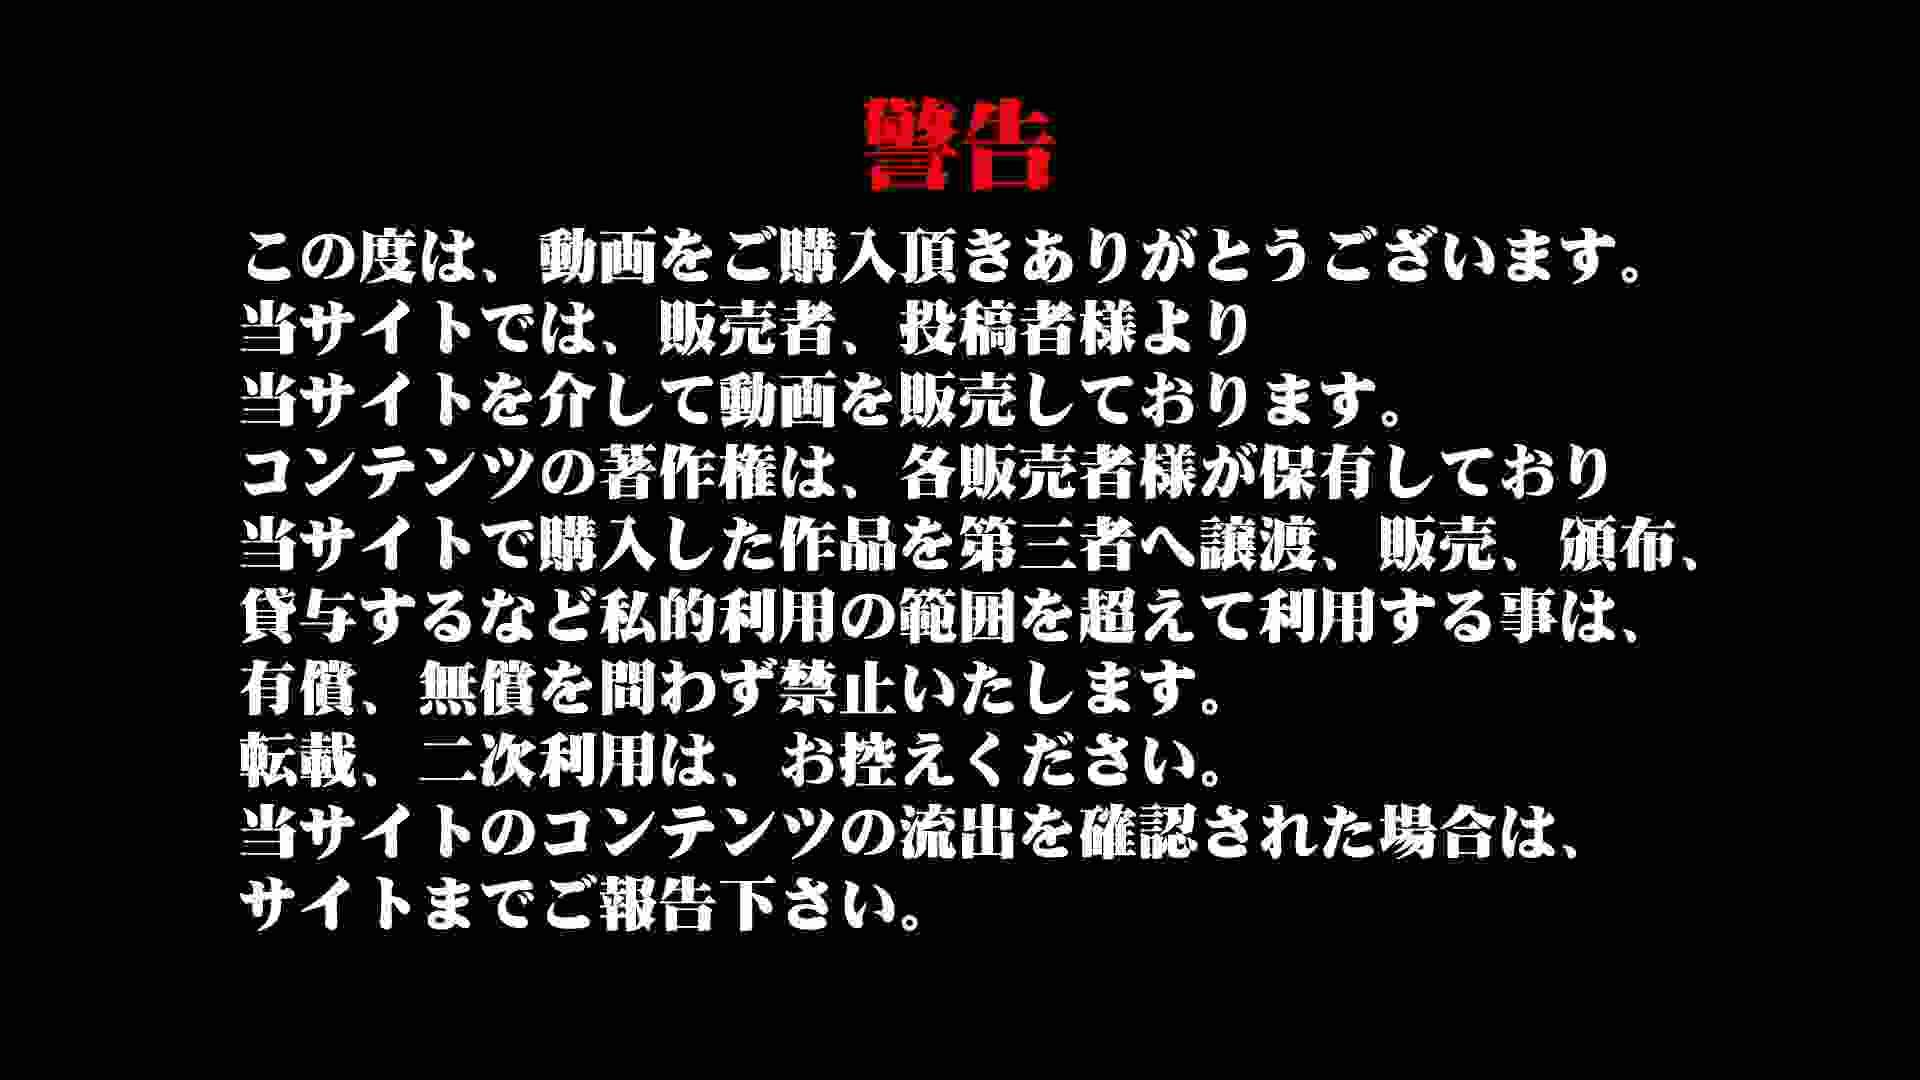 Aquaな露天風呂Vol.927 OLのエロ生活  89連発 48